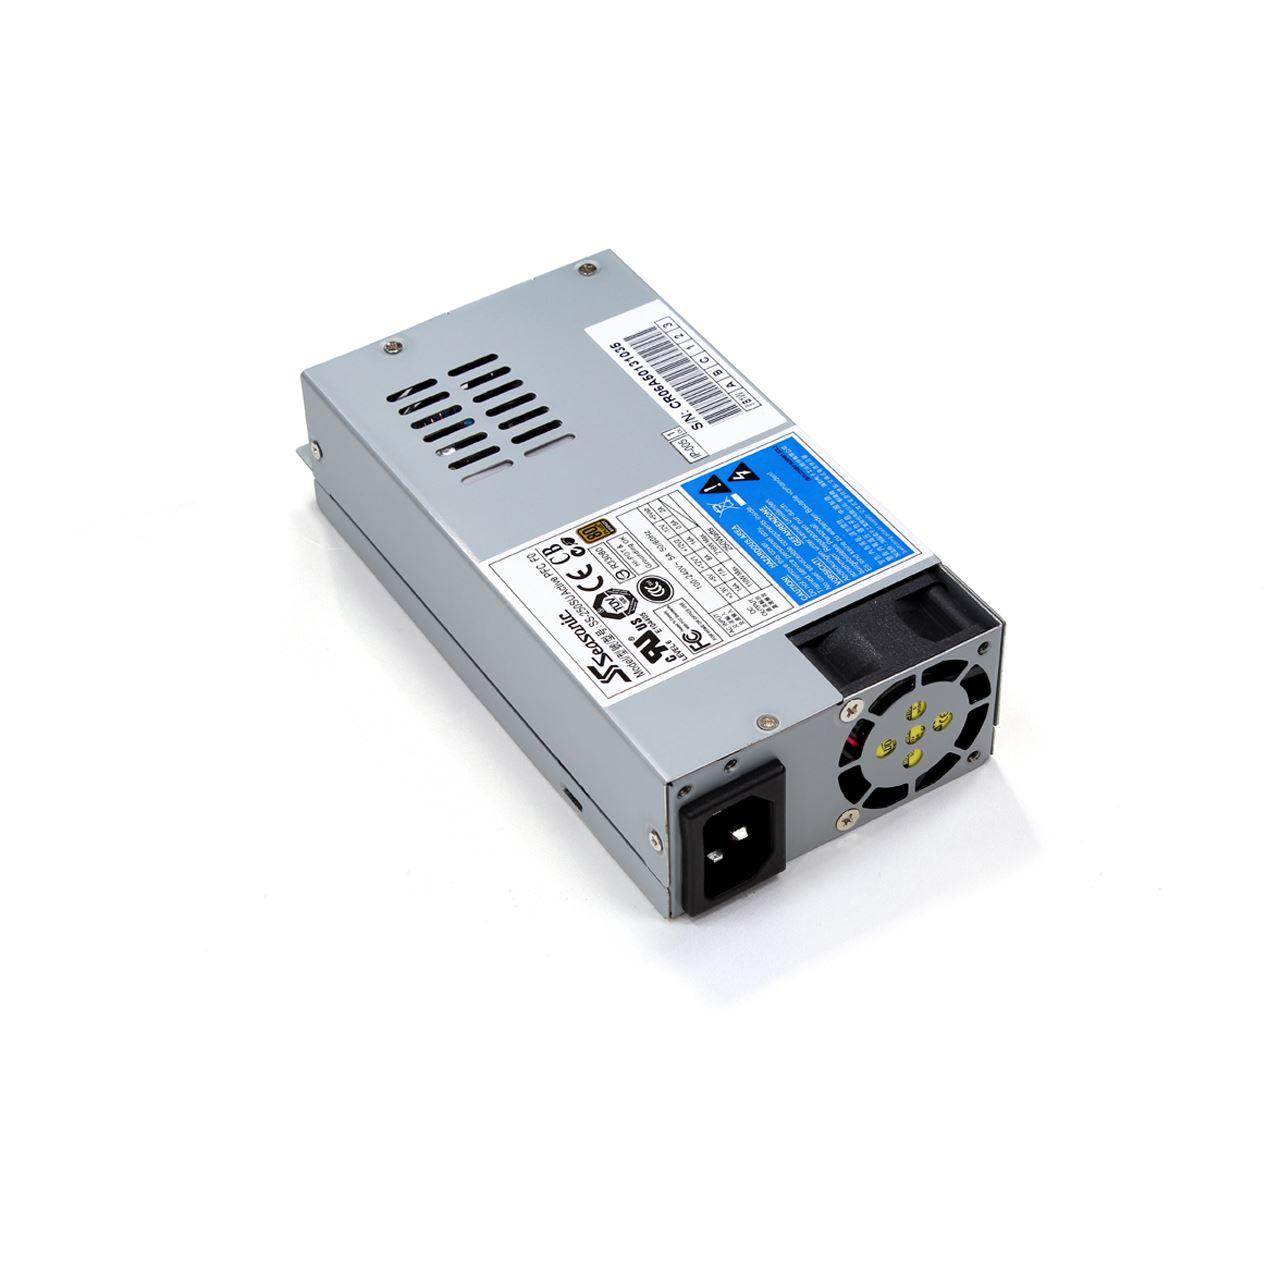 Synology Netzteil 250 Watt - Zubehör für NAS   Mindfactory.de ...